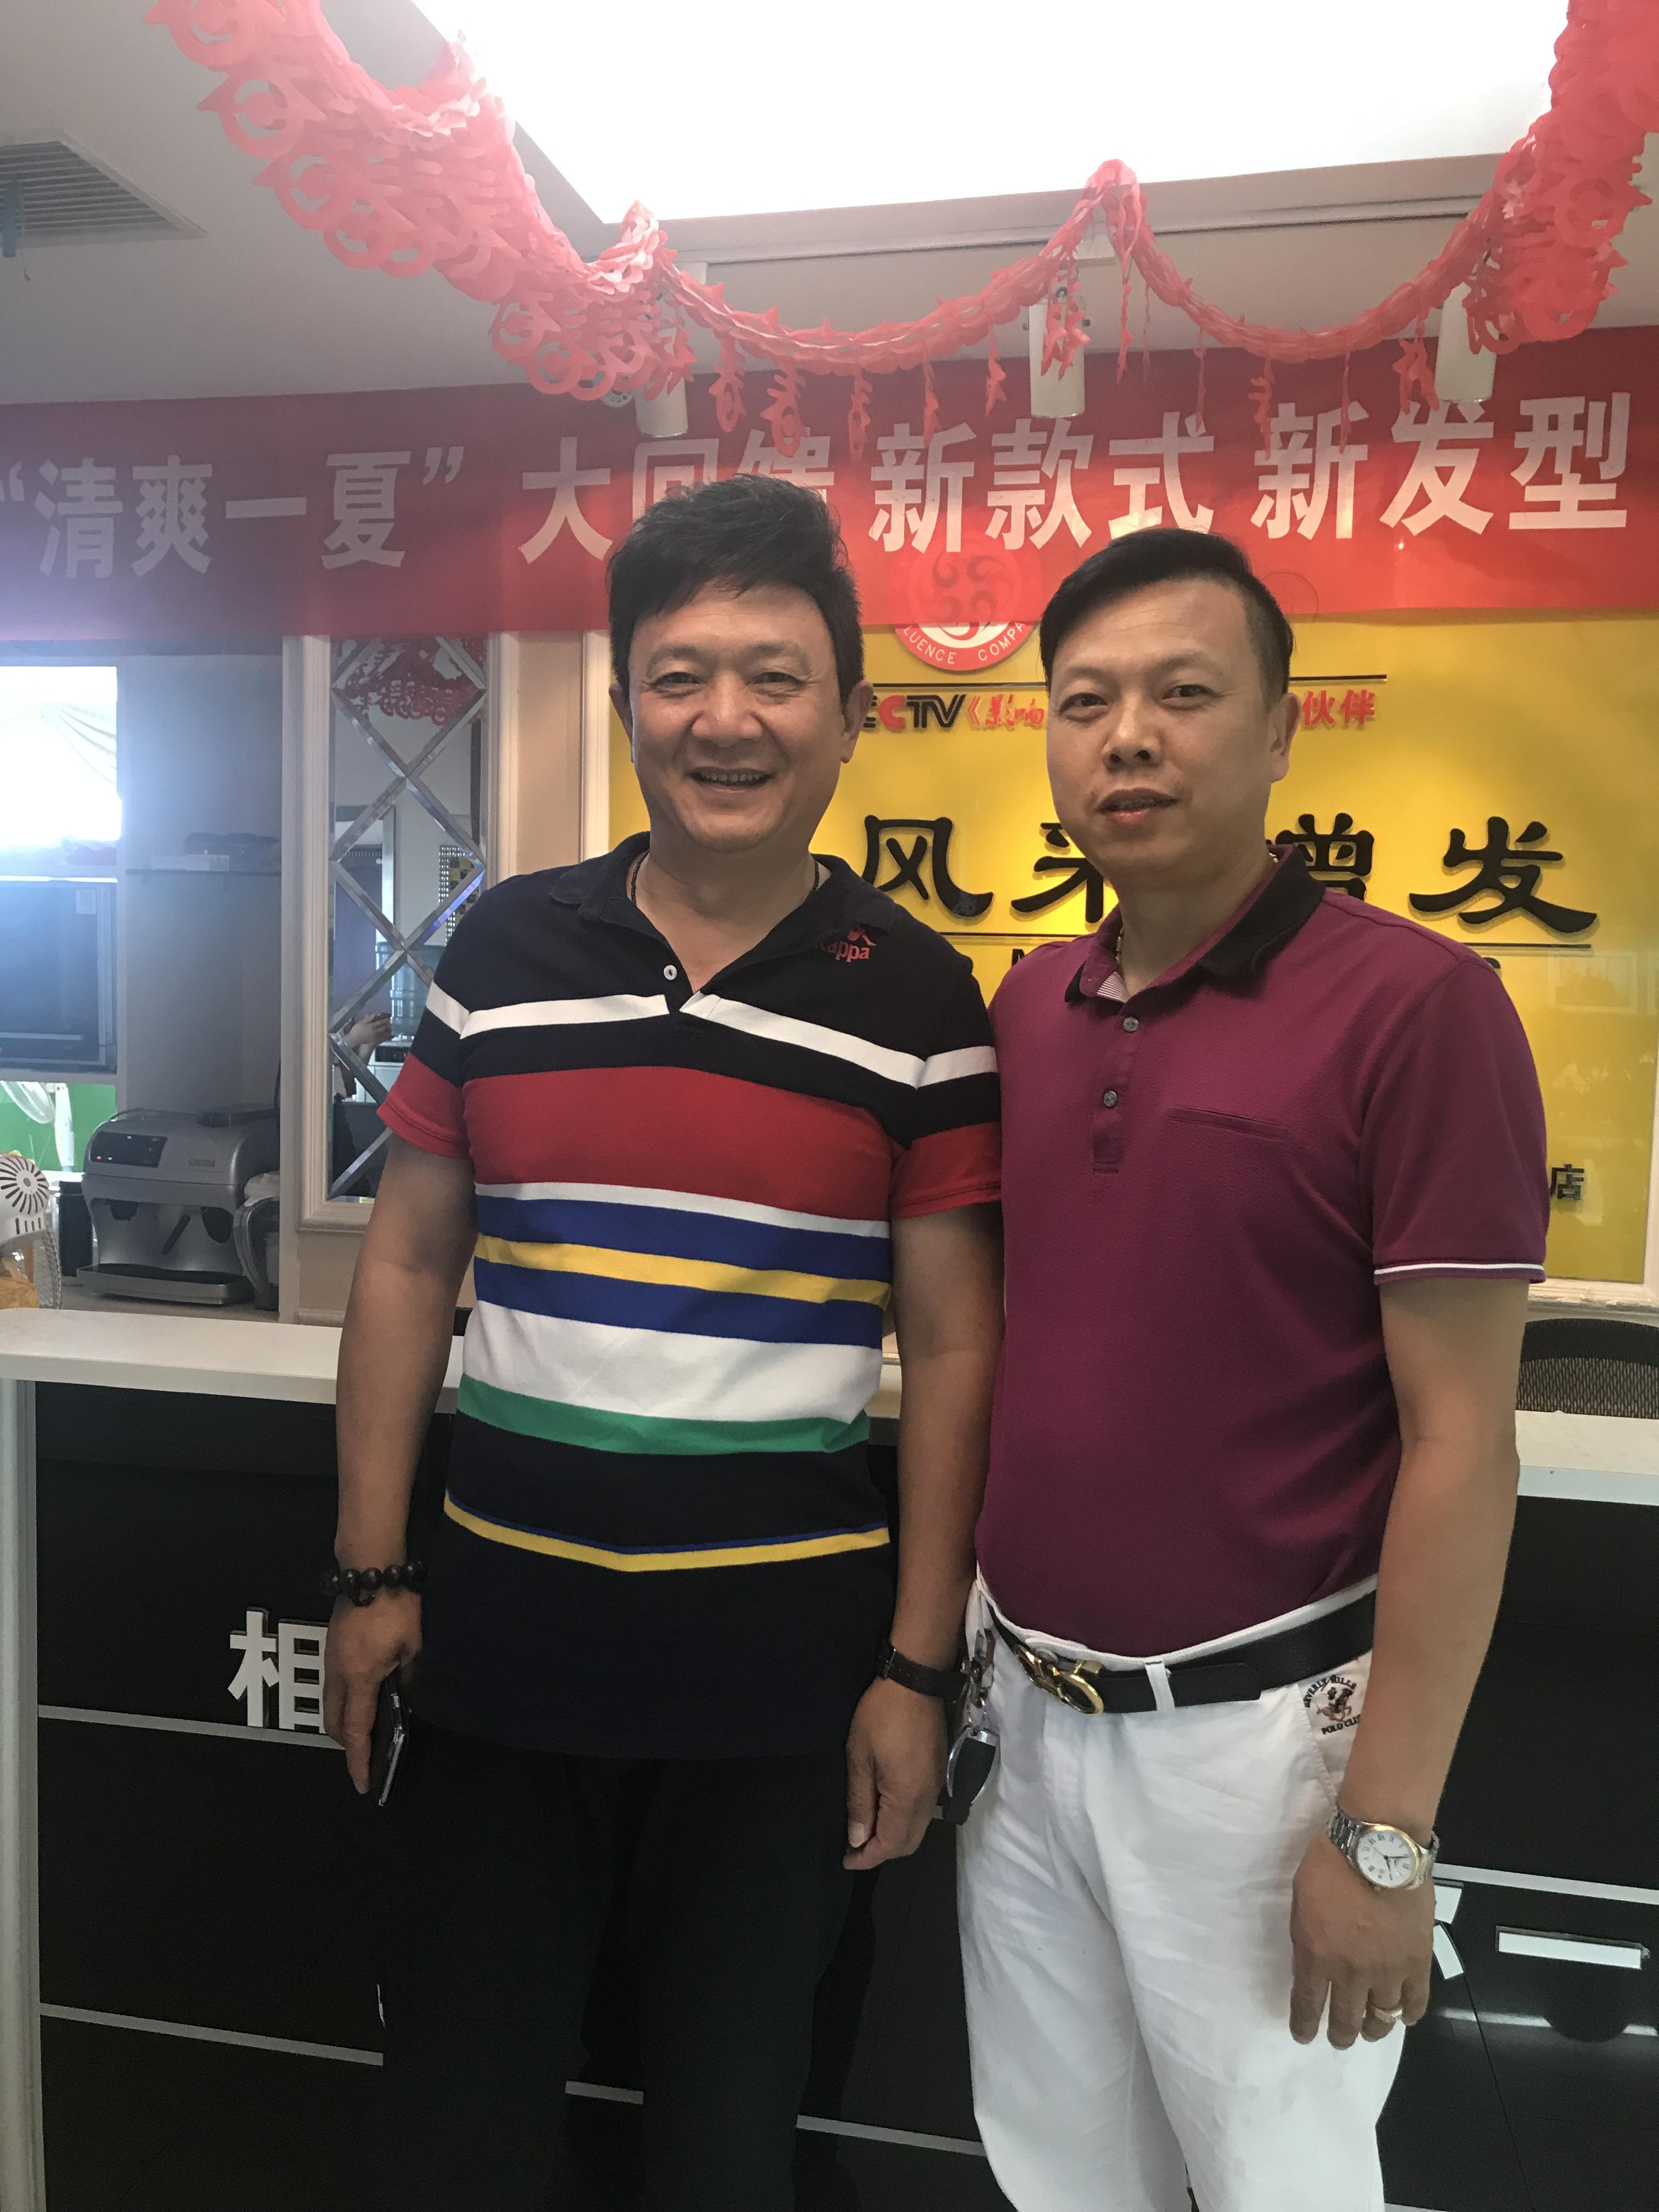 武汉唐风采增发喜迎央视春晚小品《招聘》主演周锦堂先生